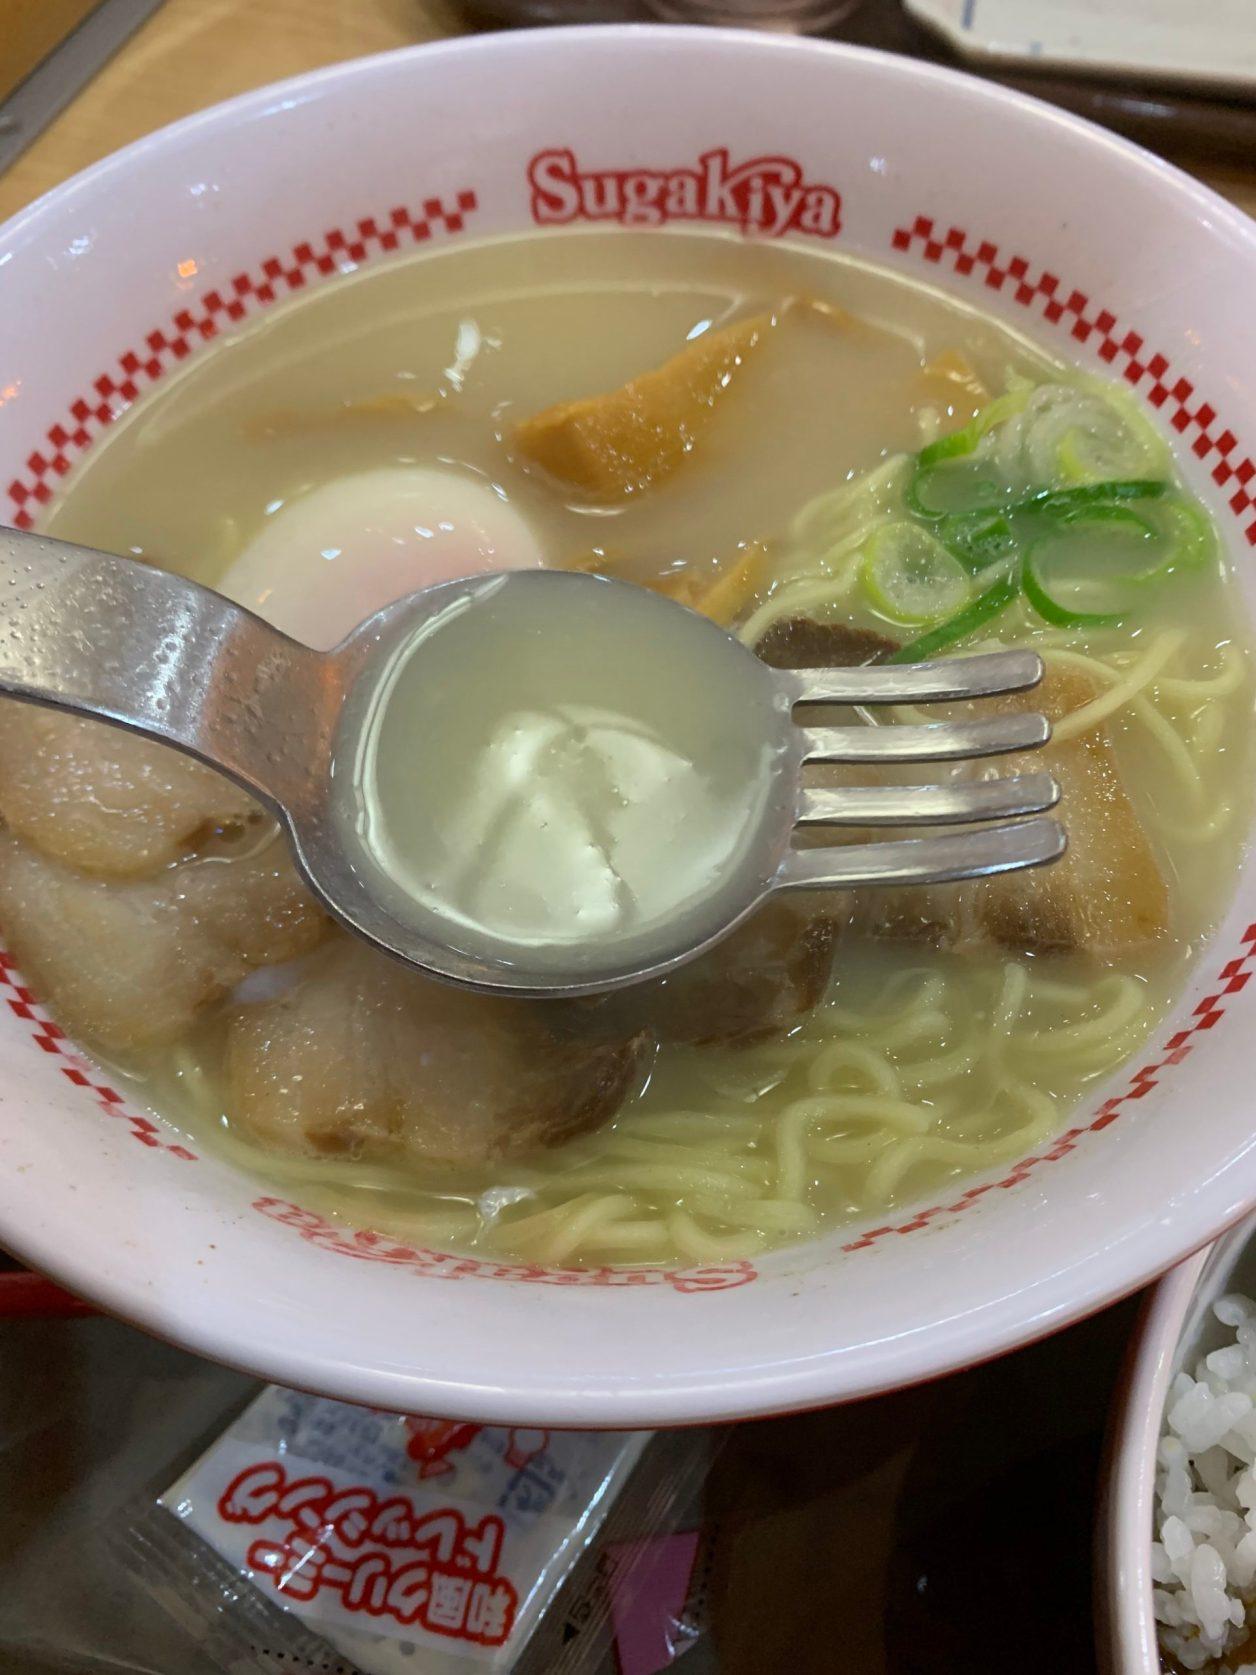 兵庫県尼崎にあるスガキヤつかしん店の特製ラーメンのスープ